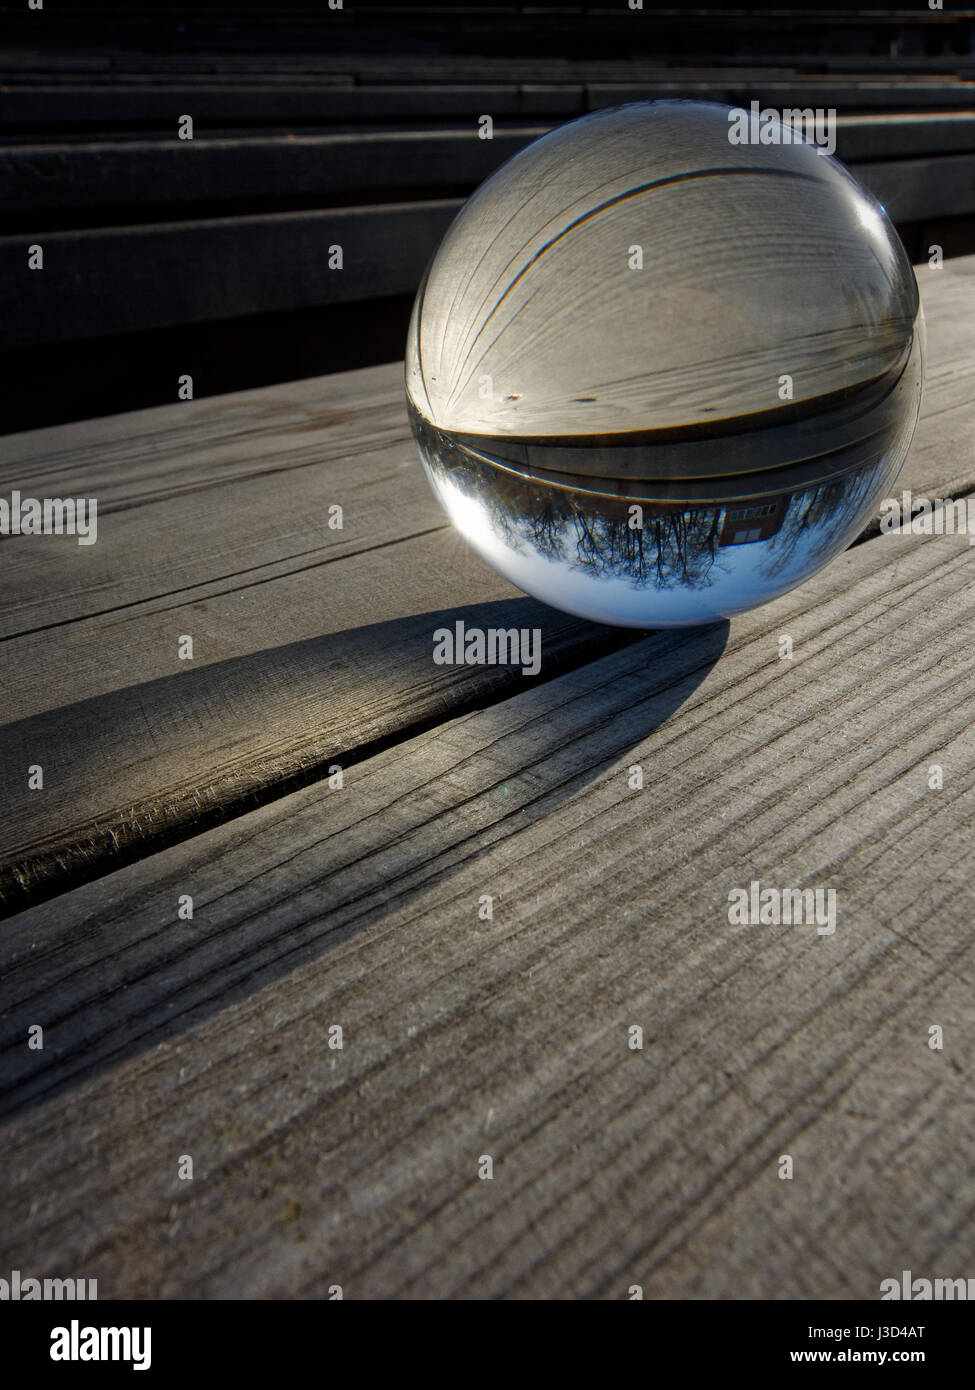 Milieux et de textures: bille de verre sur une table en bois, partie d'un paysage à l'intérieur Photo Stock